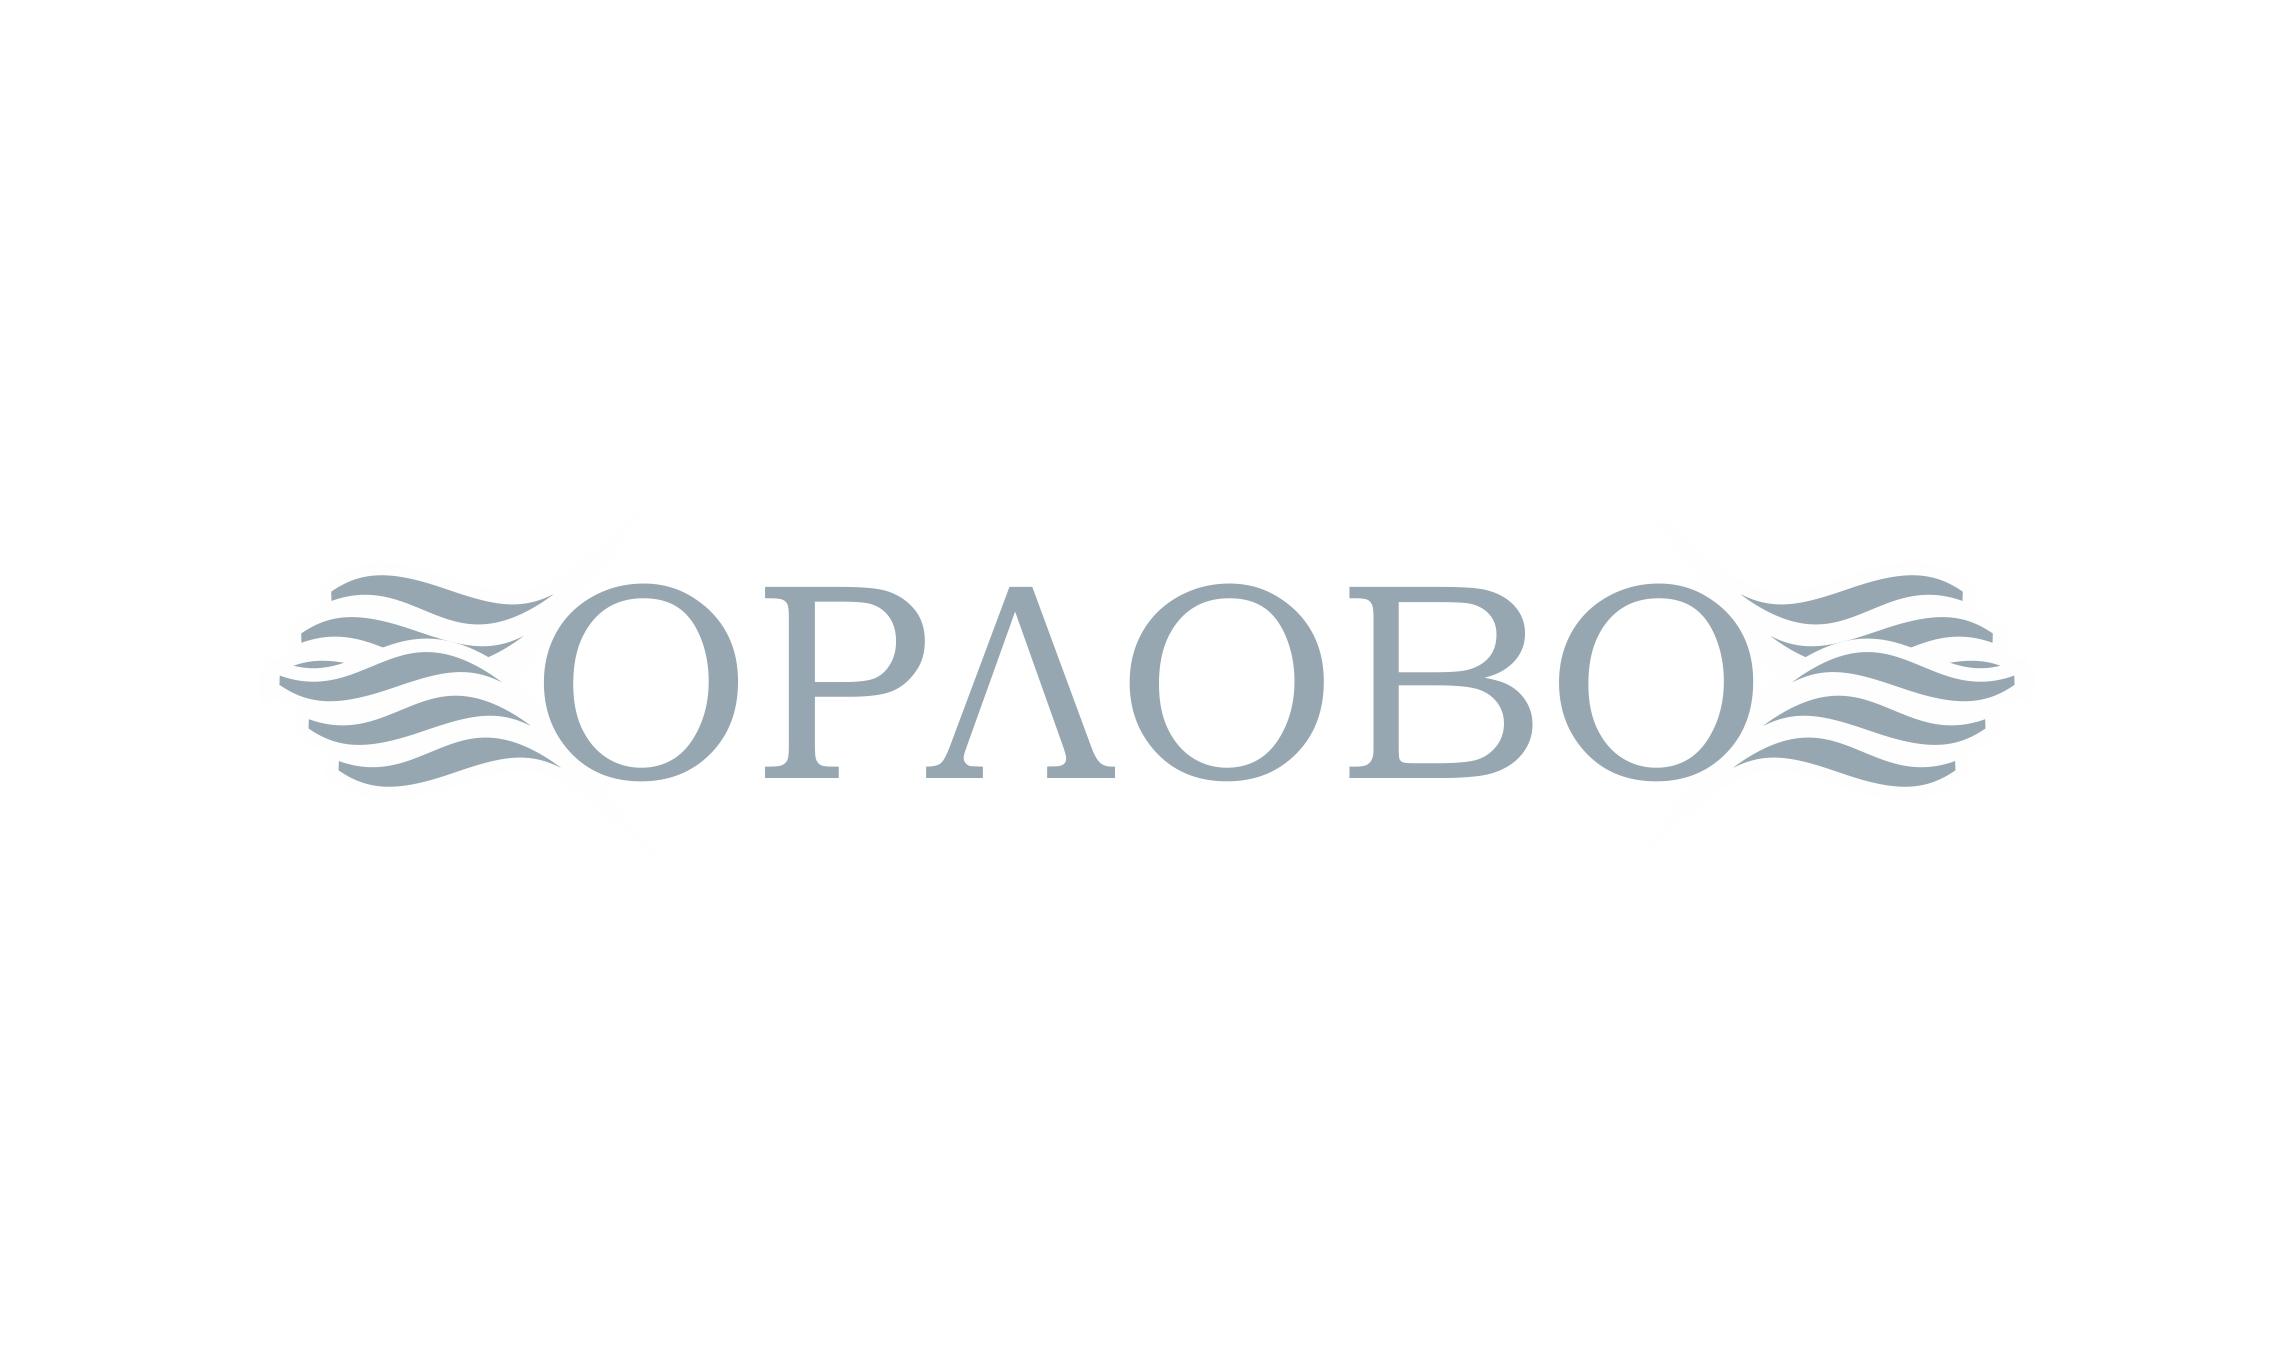 Разработка логотипа для Торгово-развлекательного комплекса фото f_49959688a287b1cb.jpg